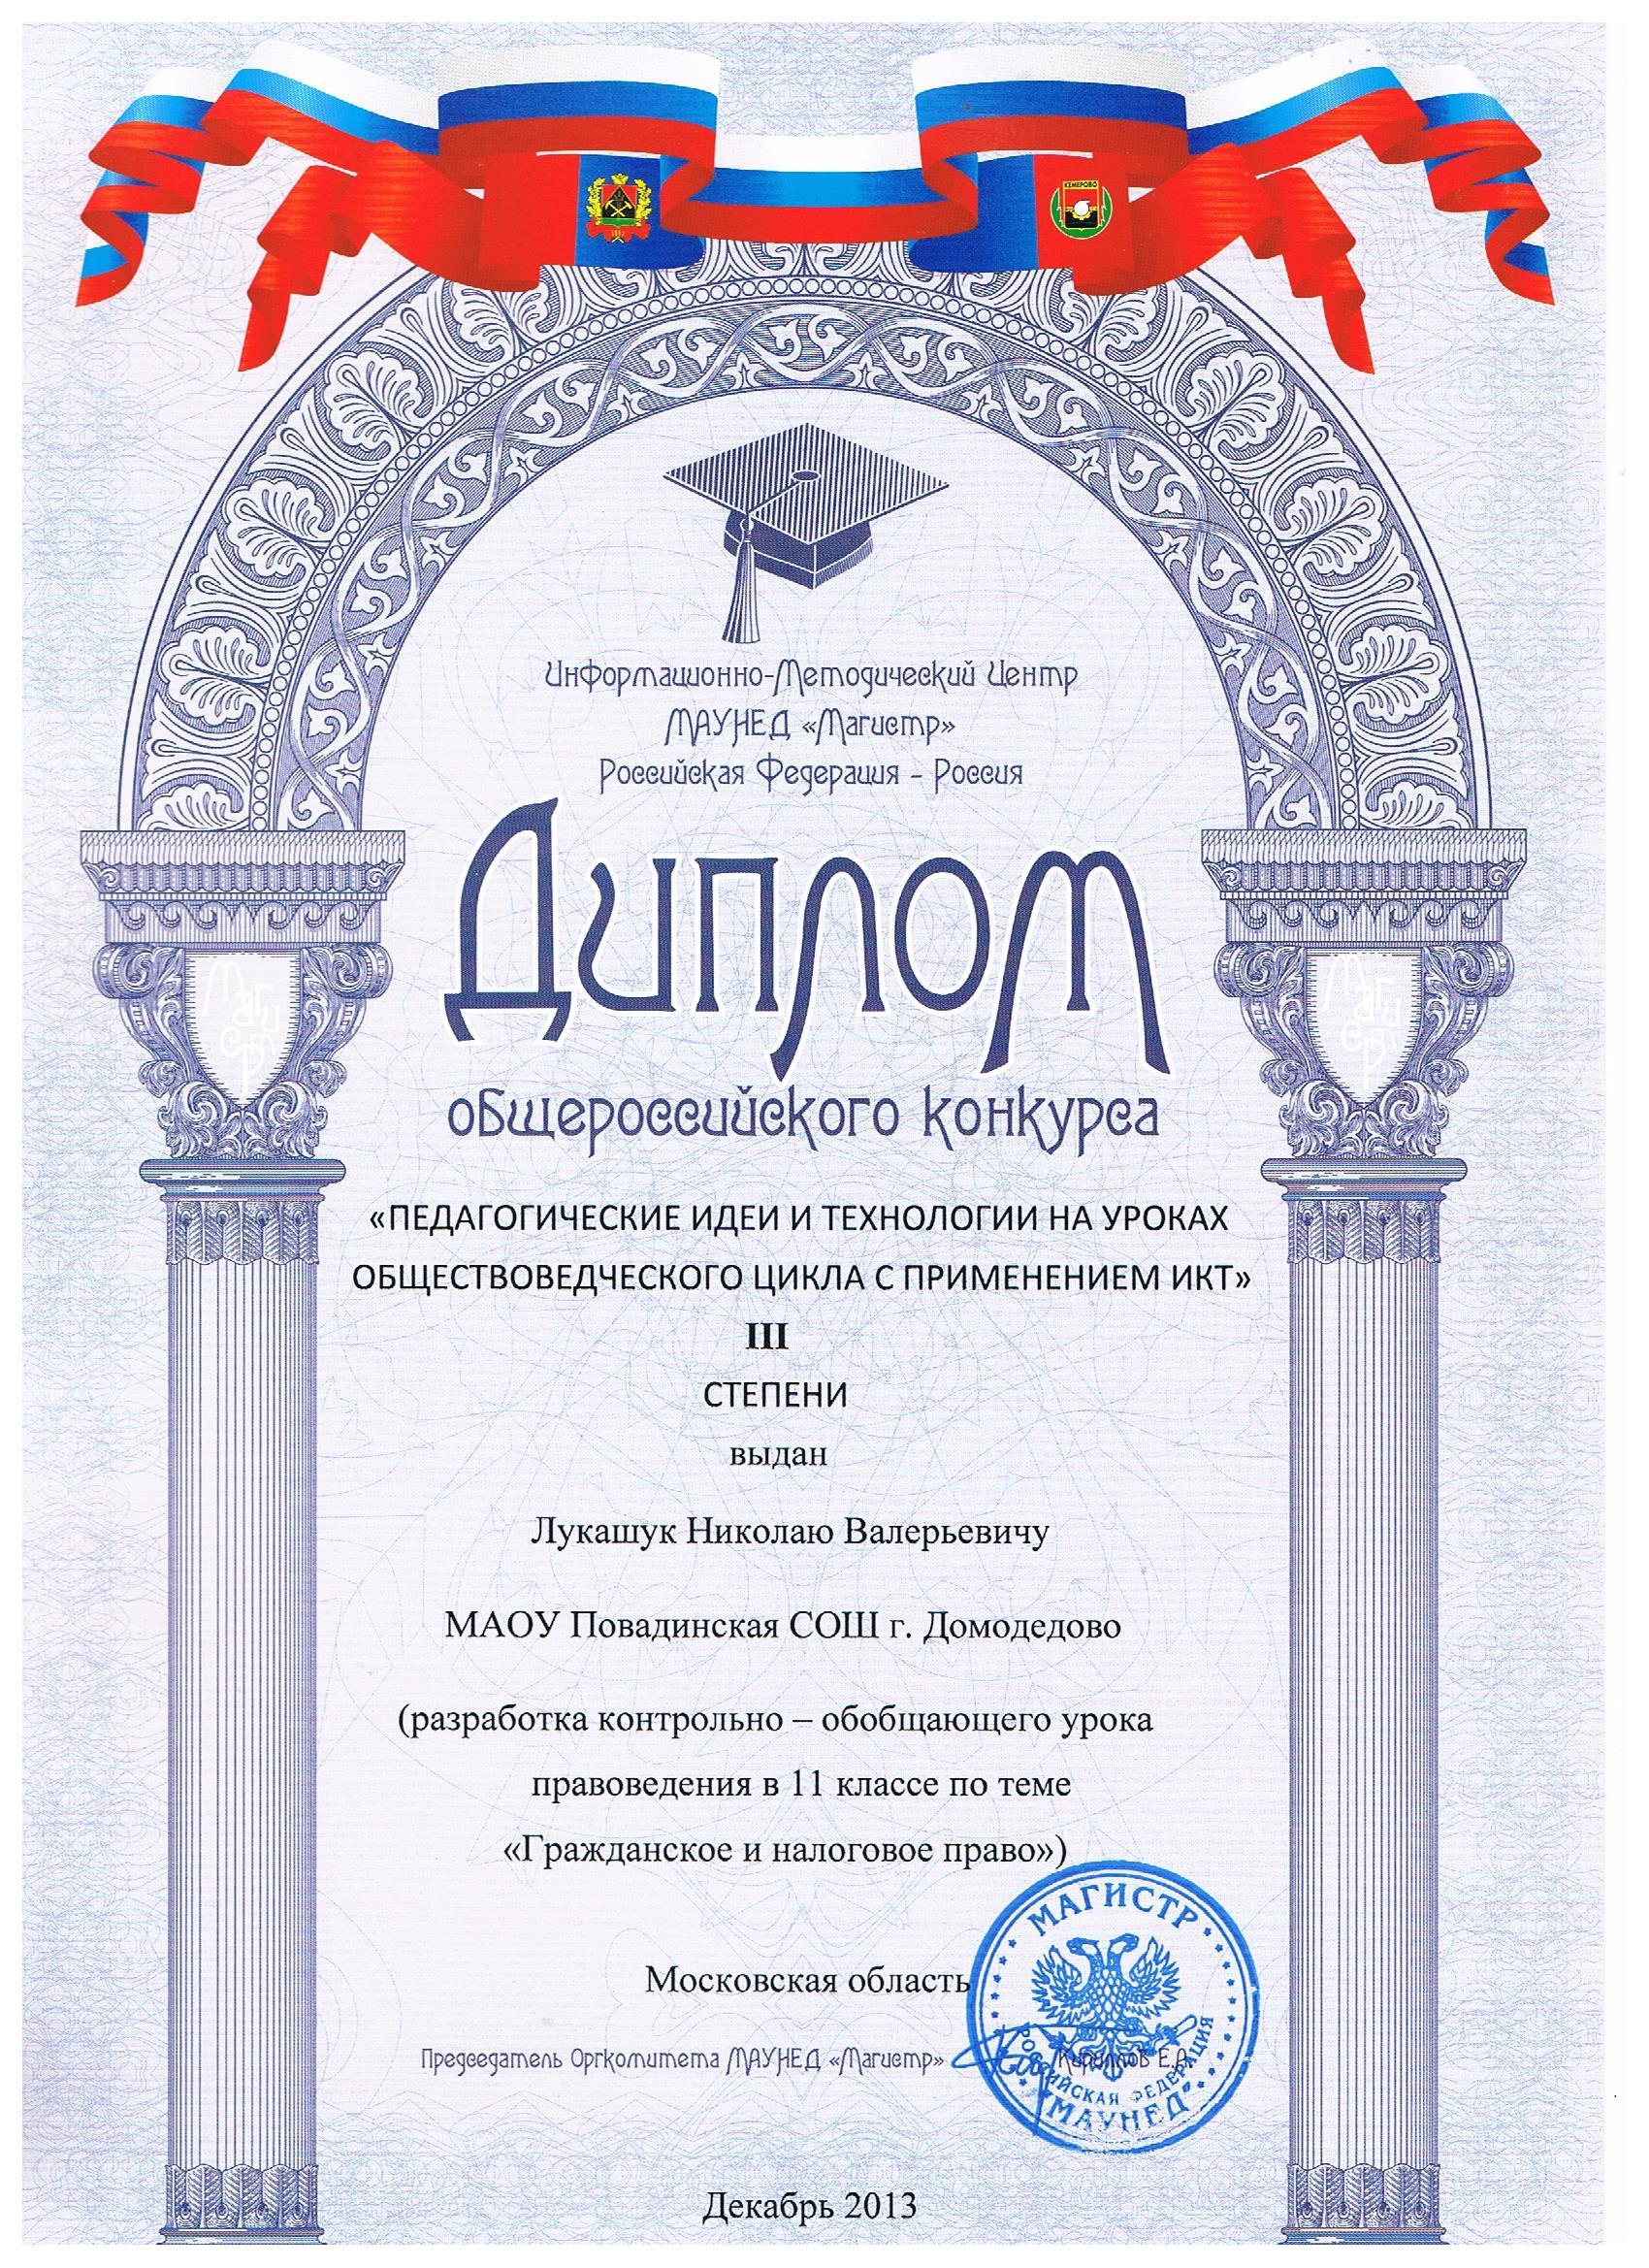 Диплом победителя общероссийского конкурса «Педагогические идеи и технологии на уроках обществоведческого цикла с применением ИКТ»